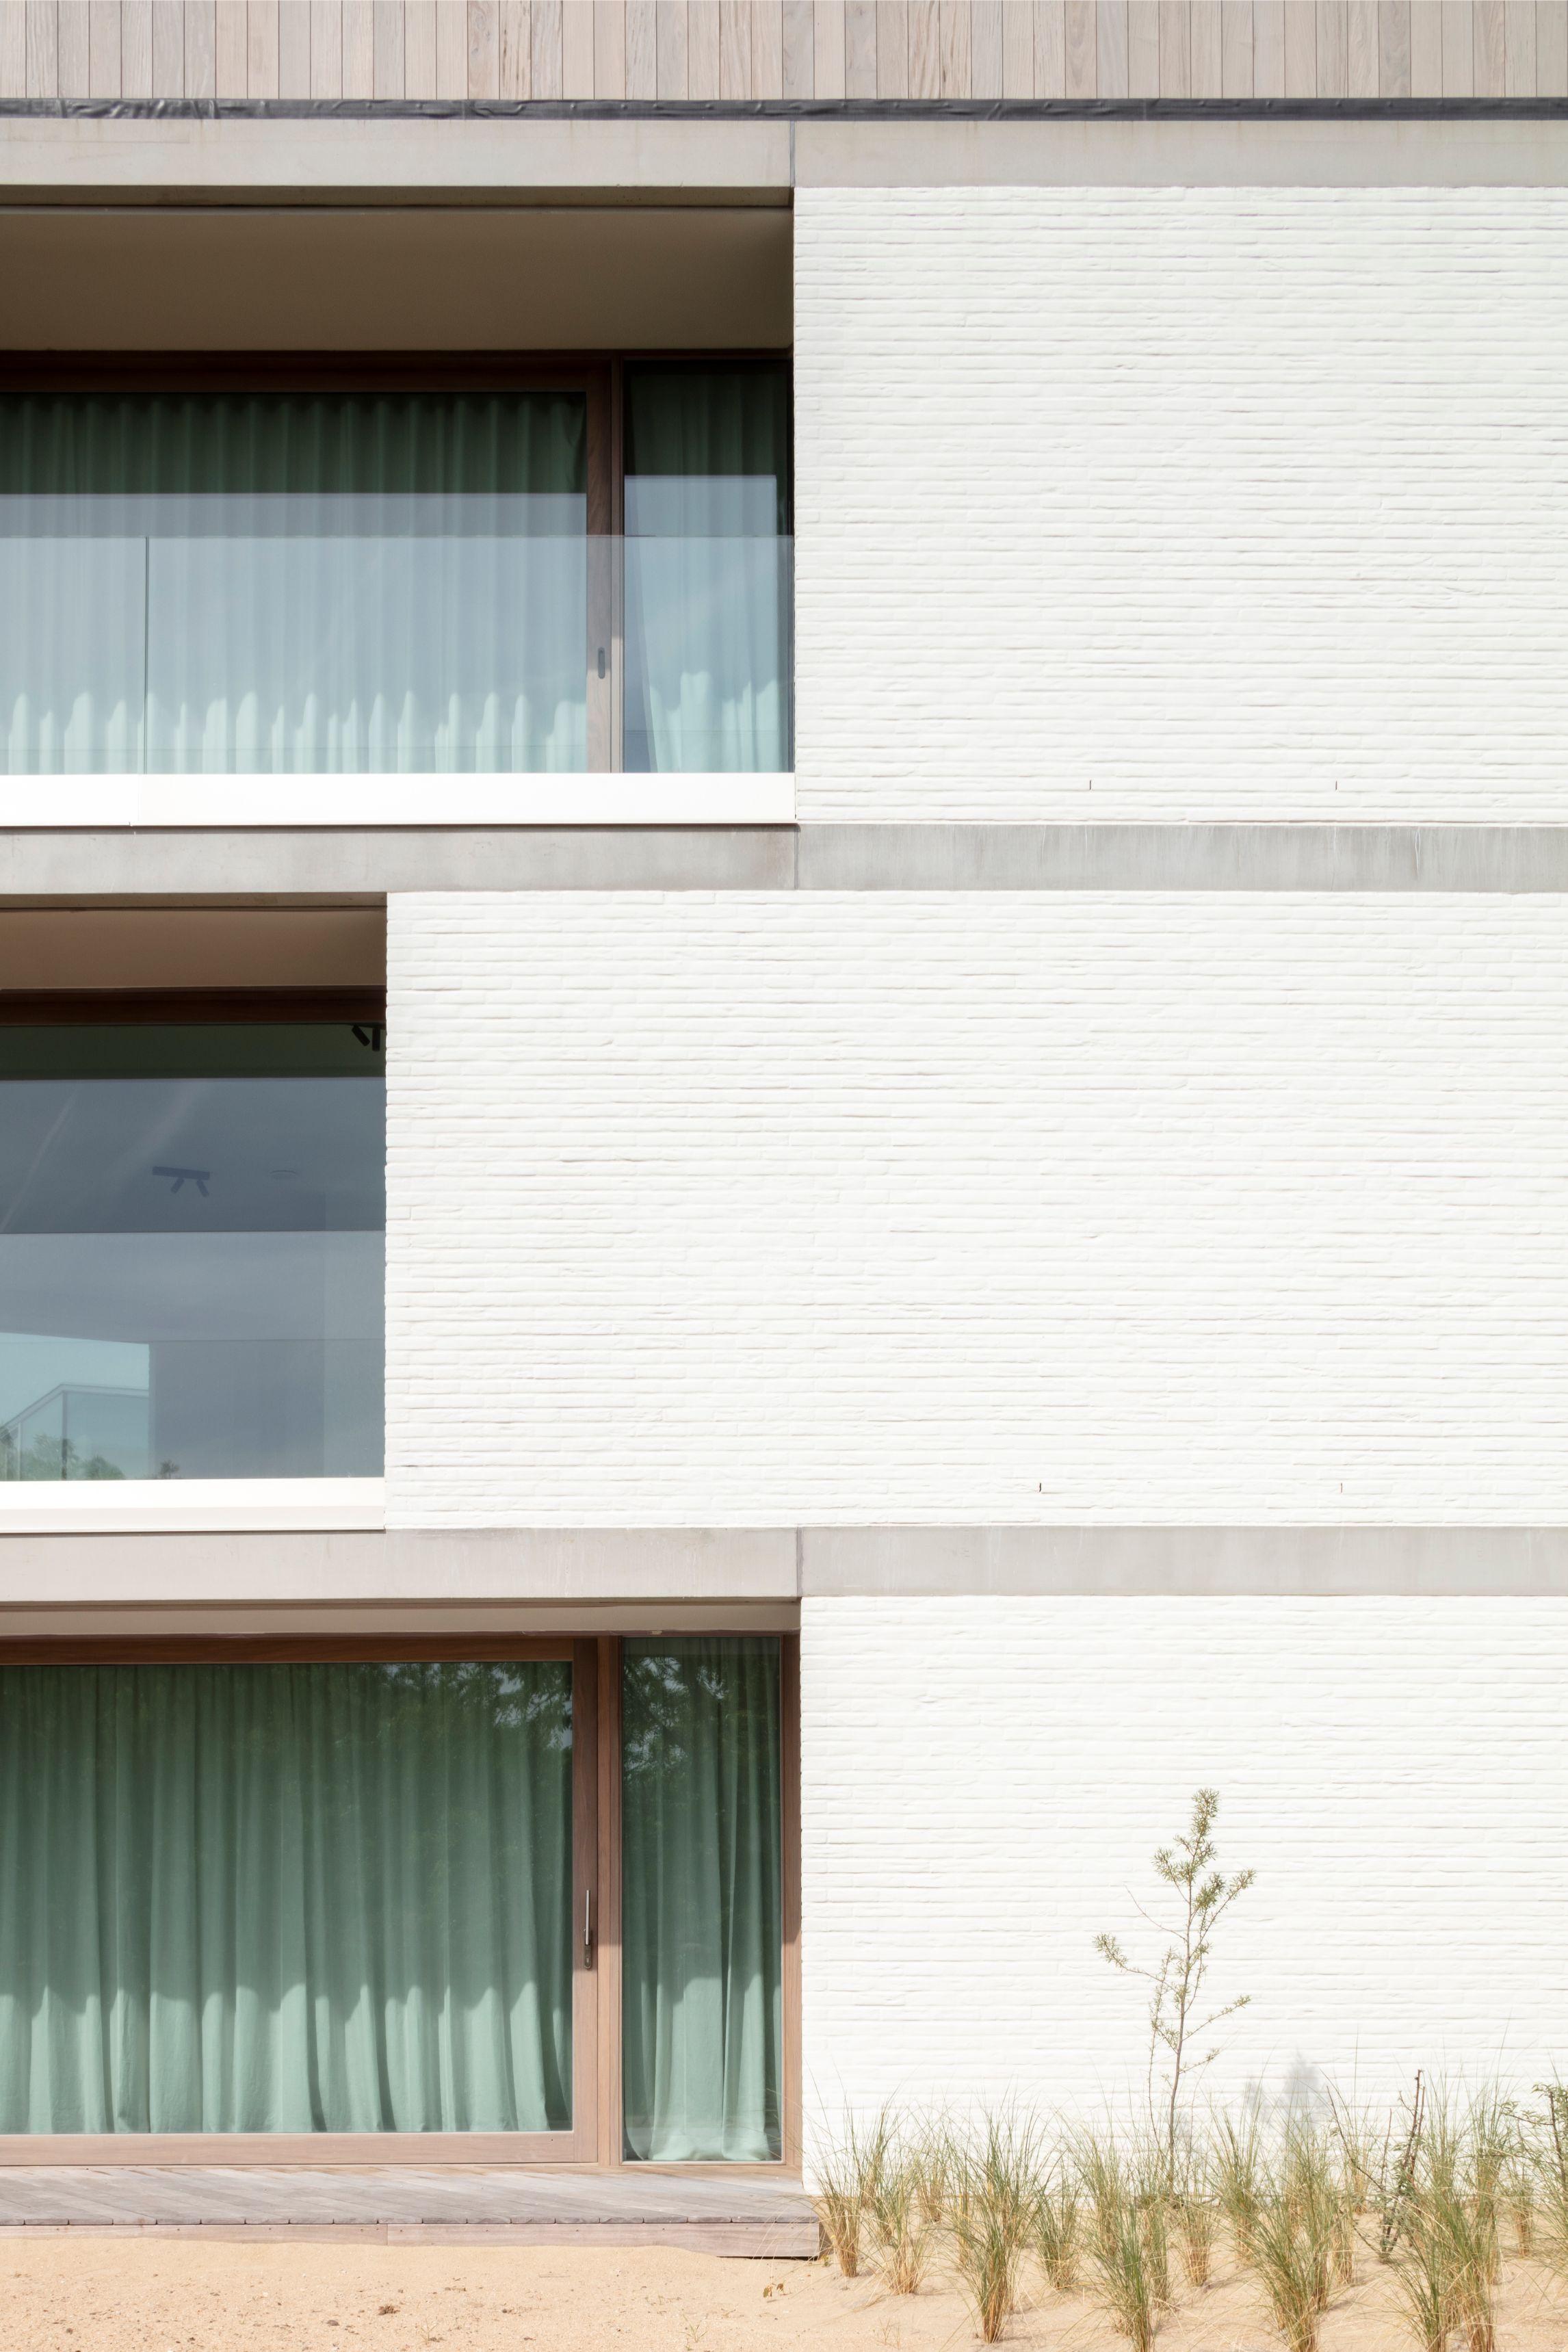 Hans Wegner - Rietveldprojects - Koksijde - Tvdv18.jpg